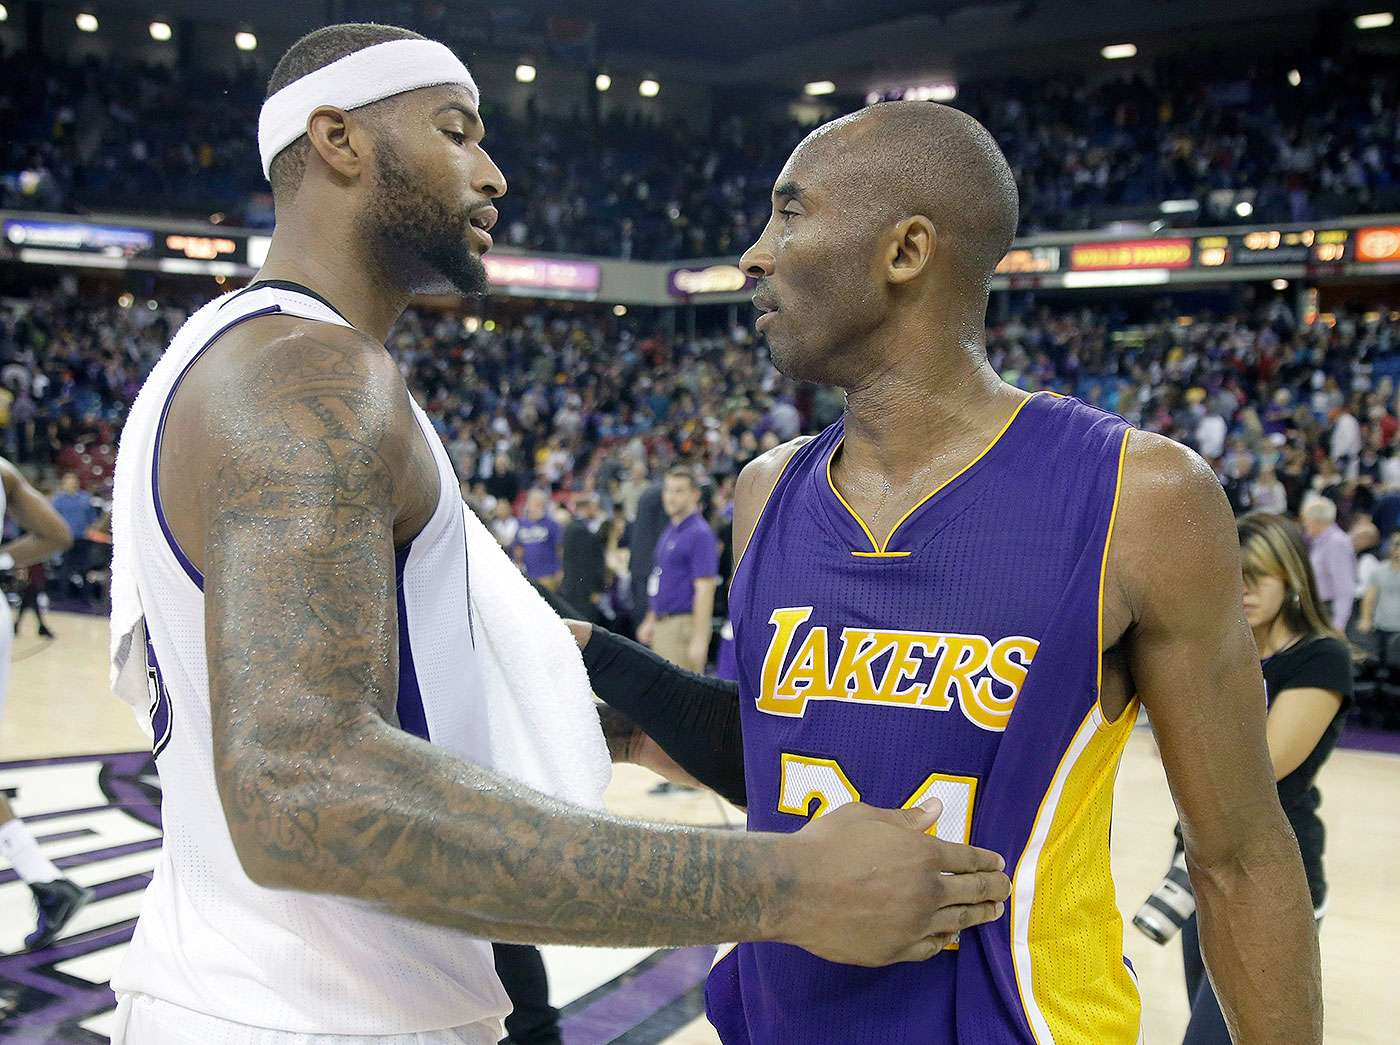 DeMarcus Cousins, pívot de los Kings de Sacramento, saluda a Kobe Bryant, alero de los Lakers de Los Ángeles, en el duelo del domingo 21 de diciembre de 2014 Foto: Rich Pedroncelli/AP